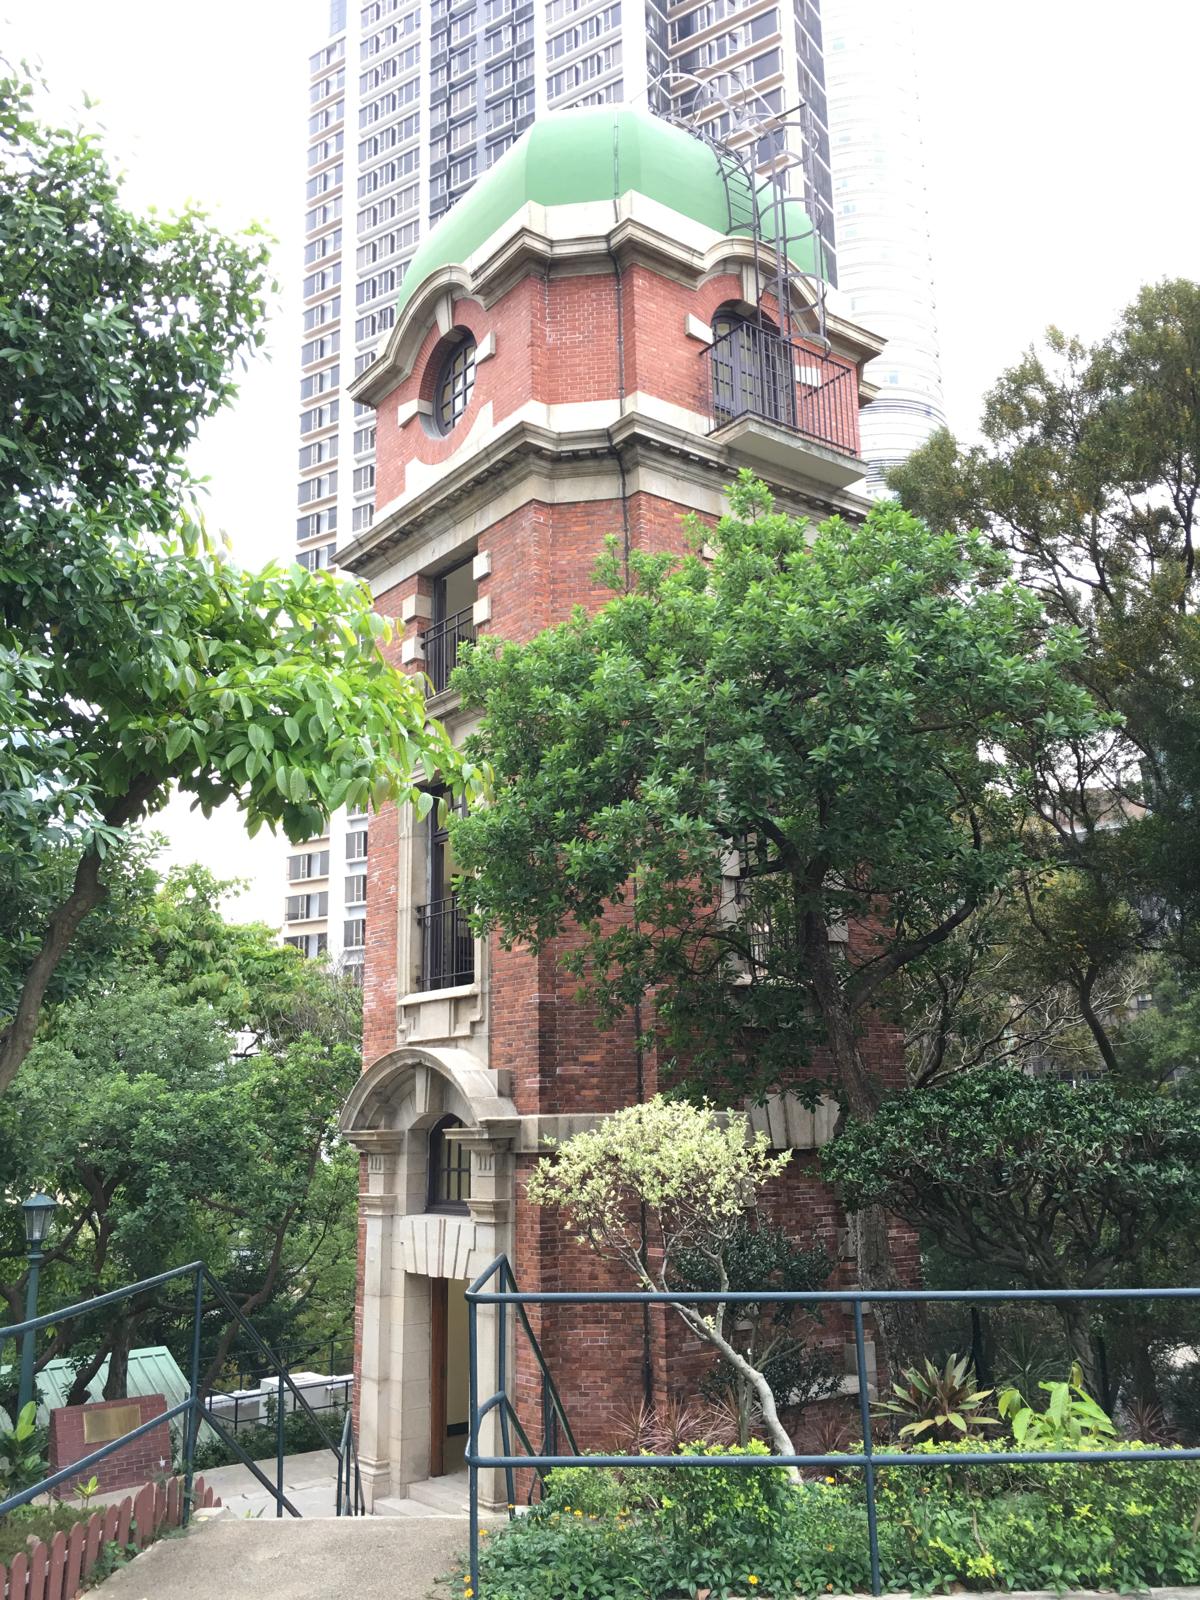 ペニンシュラホテルで休憩~香港歴史散歩@尖沙咀